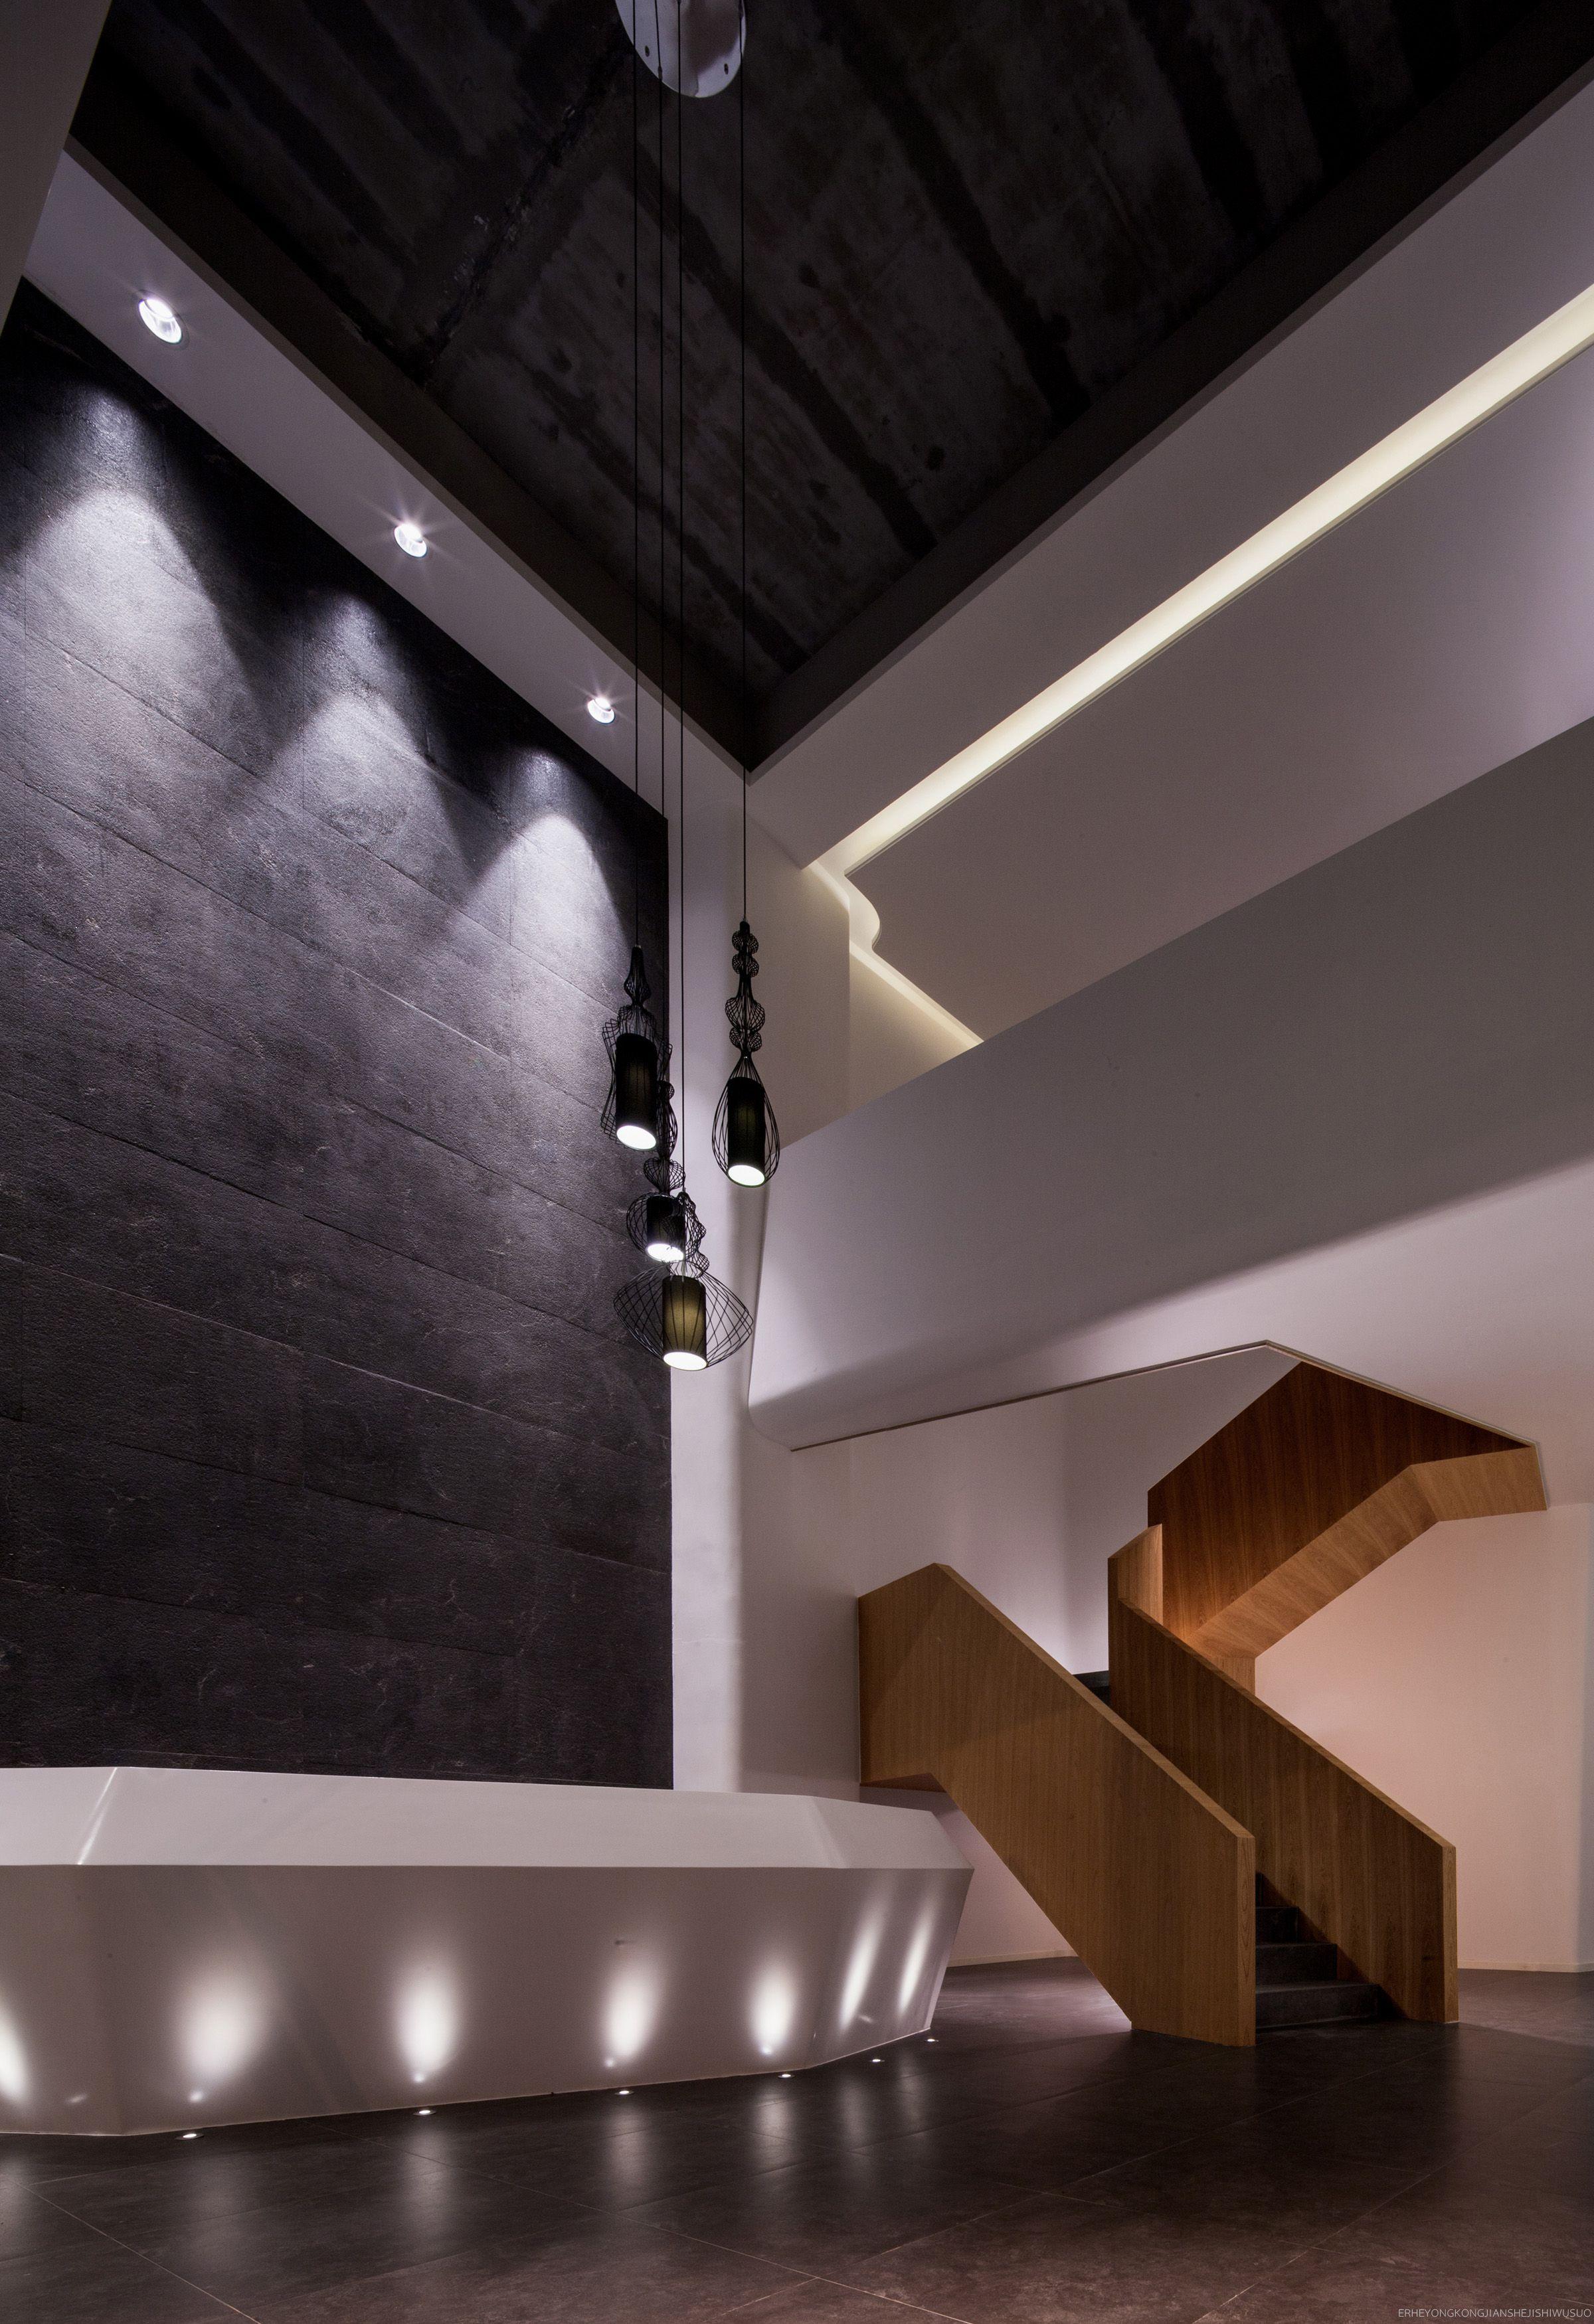 办公空间设 办公室设计 二合永设计图片来自二合永在河南二合永设计案例作品的分享